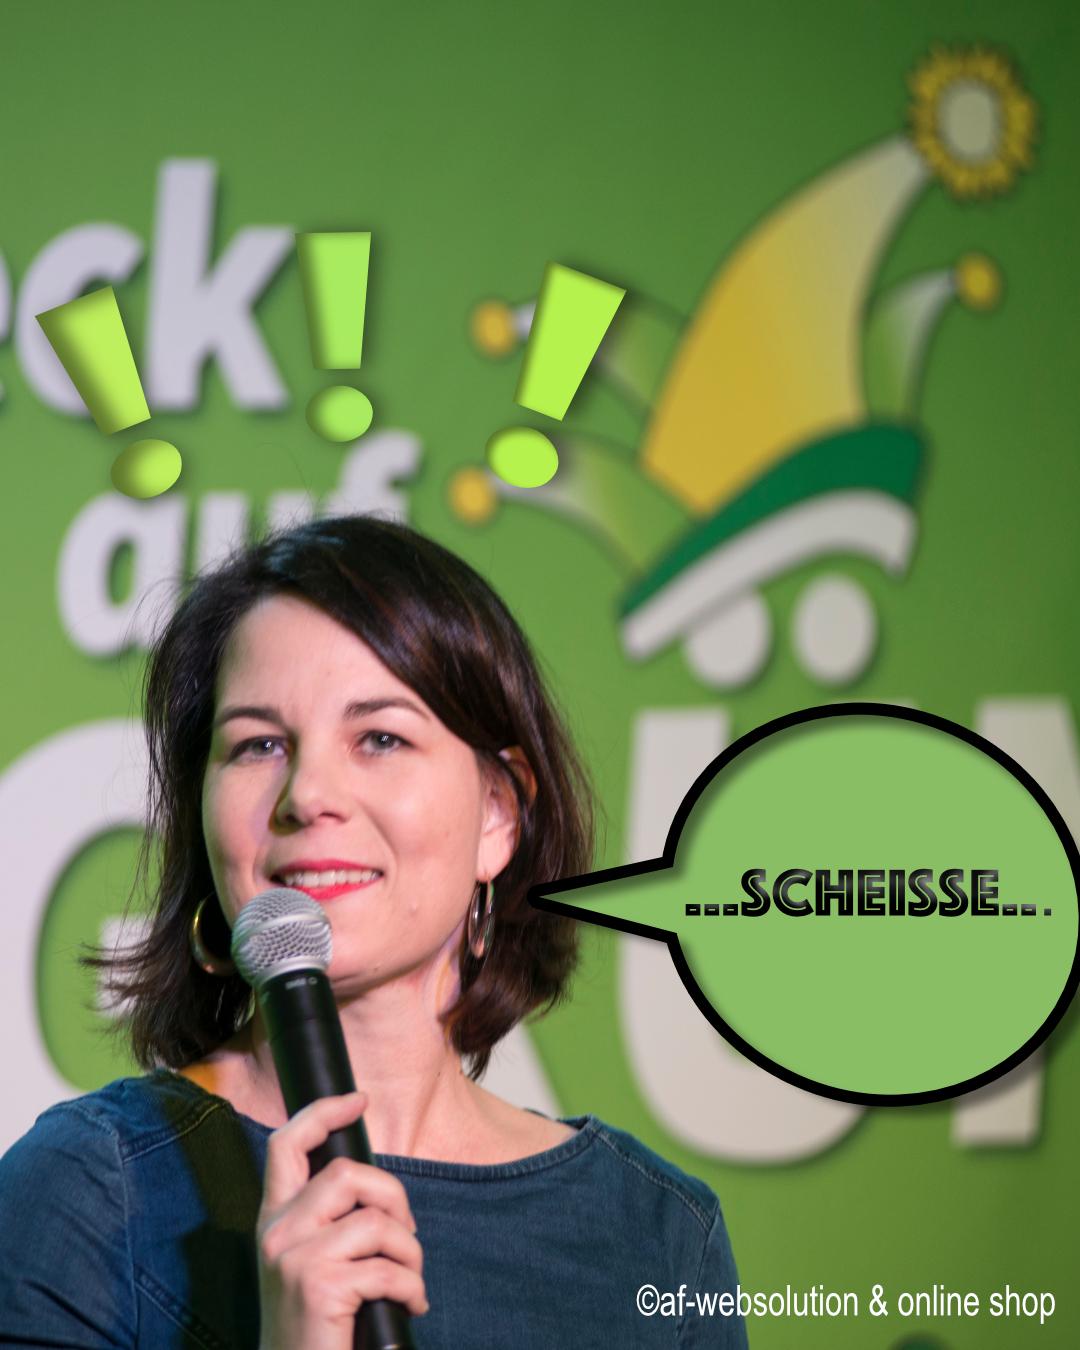 You are currently viewing Annalena Baerbocks Rede auf dem Parteitag der Grünen am 13. Juni